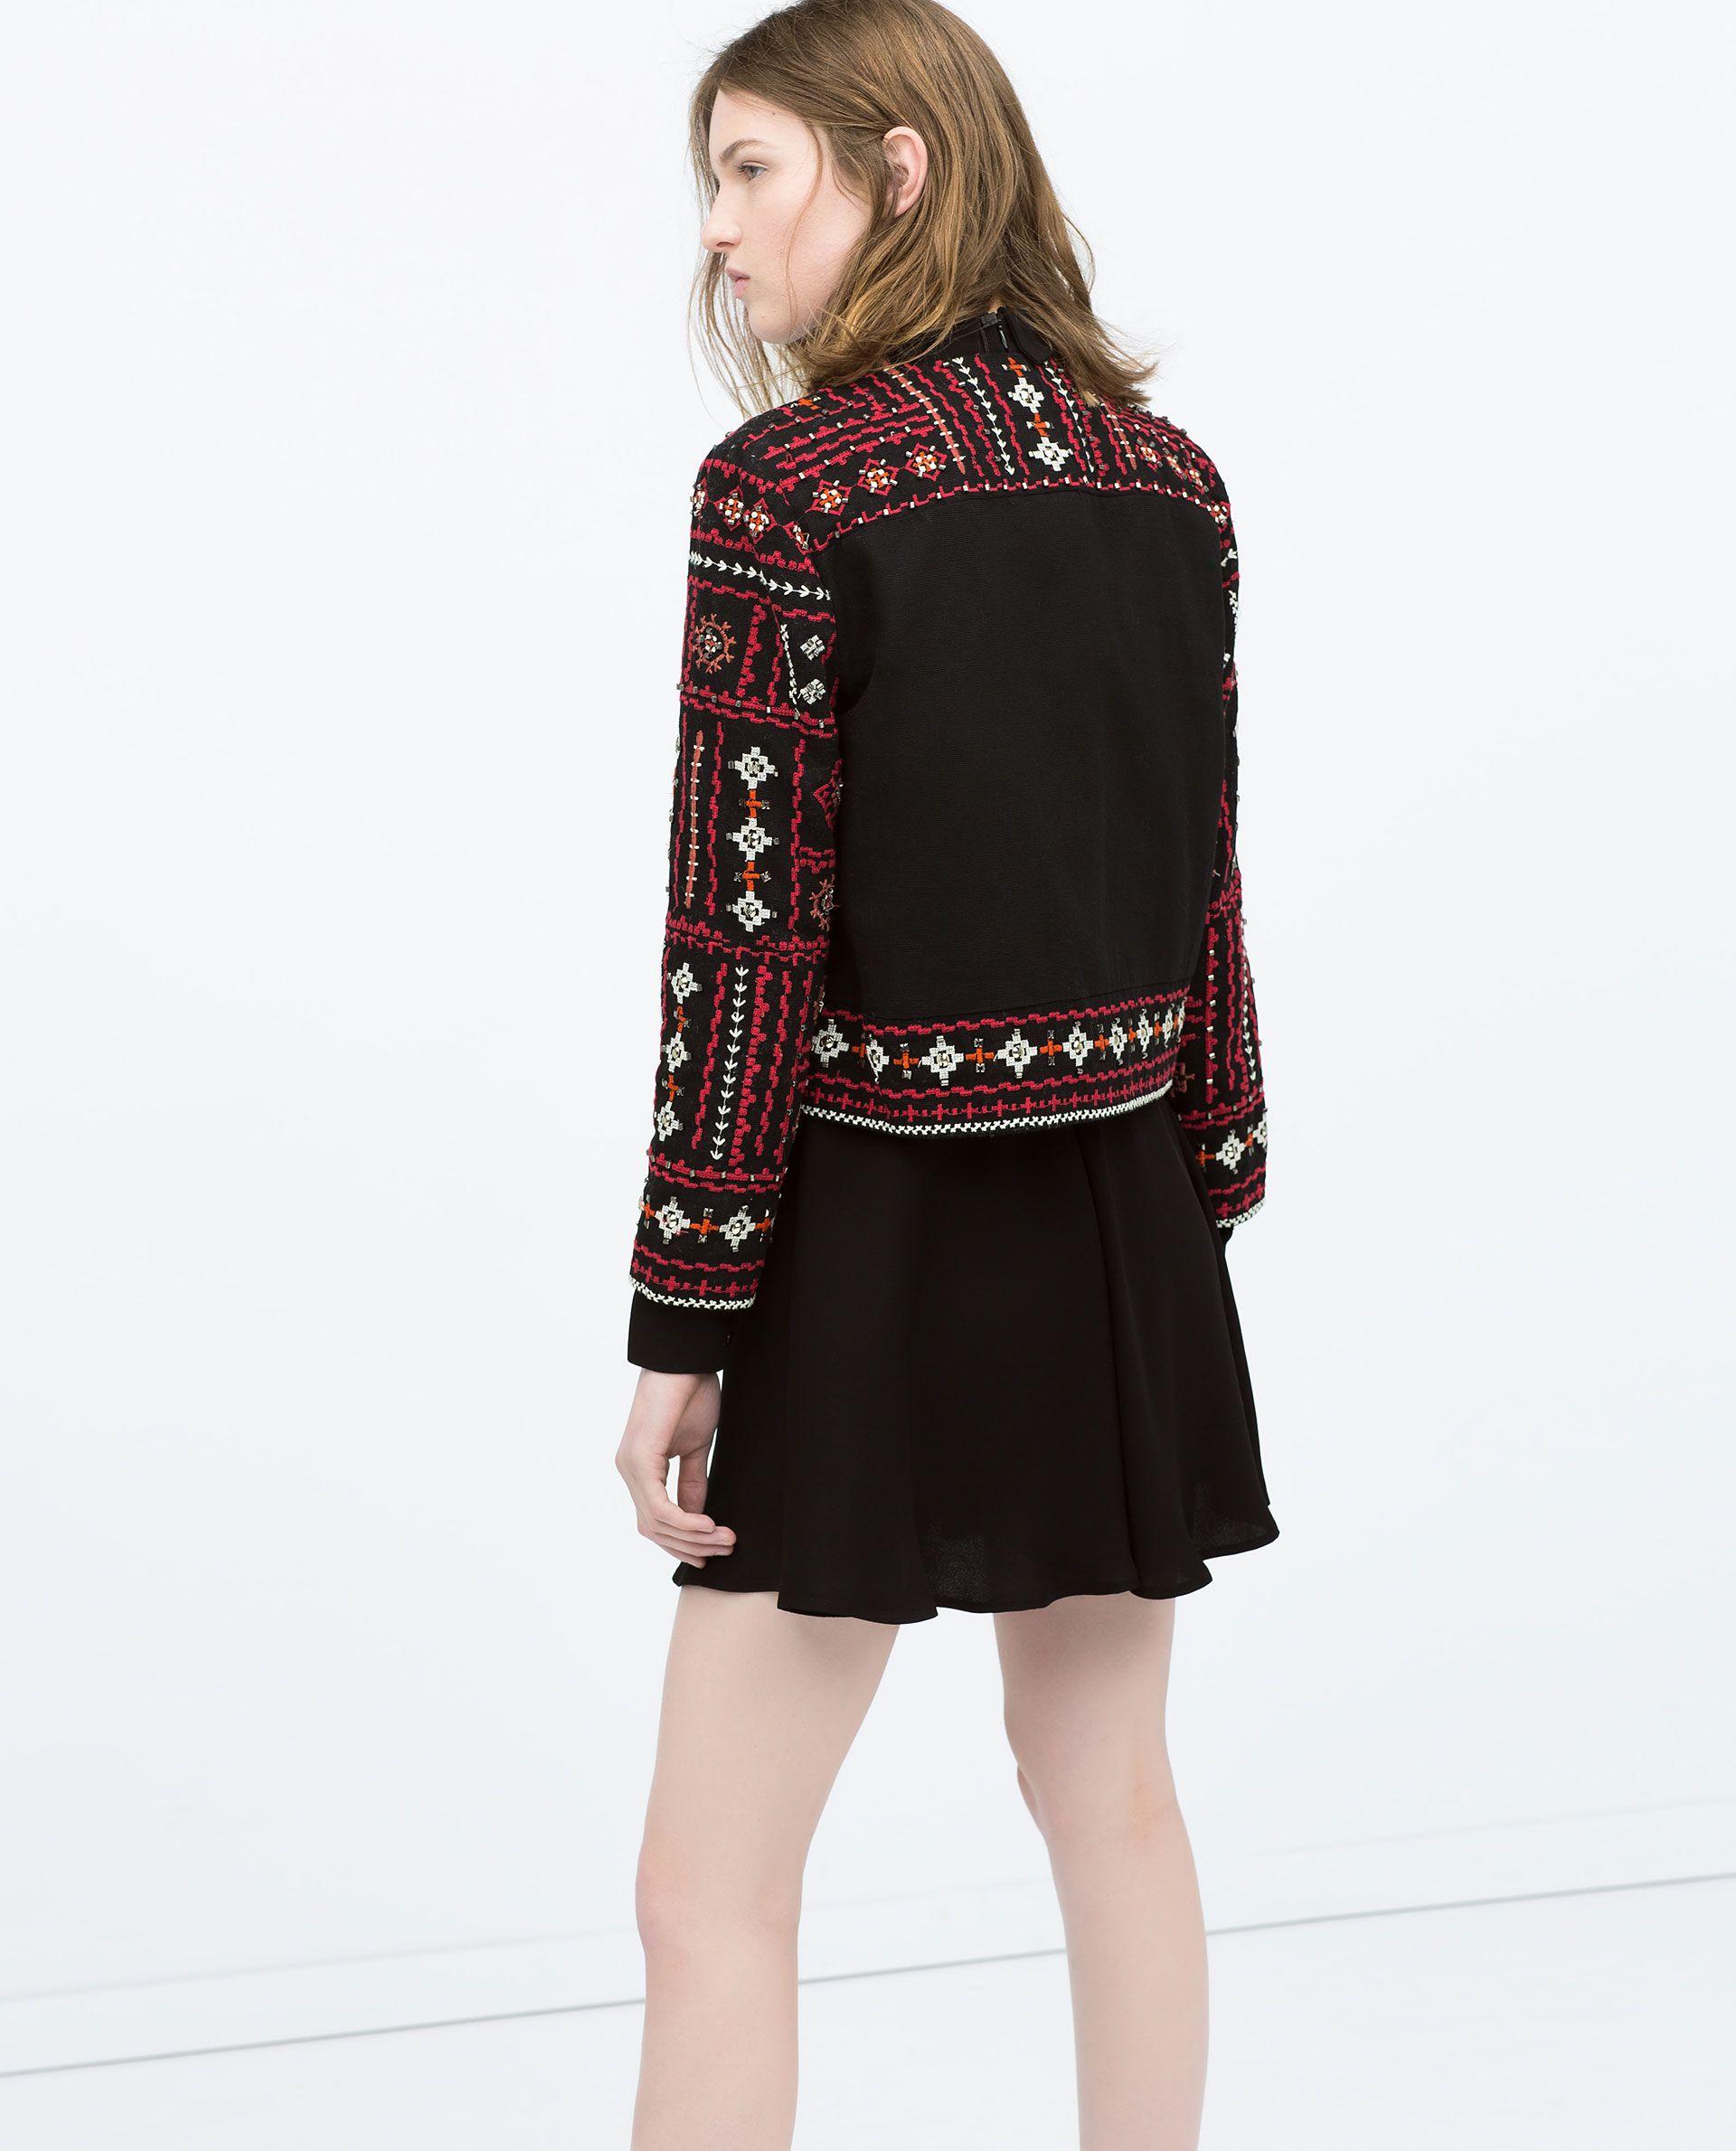 Veste simond femme decathlon - Idée pour s habiller b59828f7b73